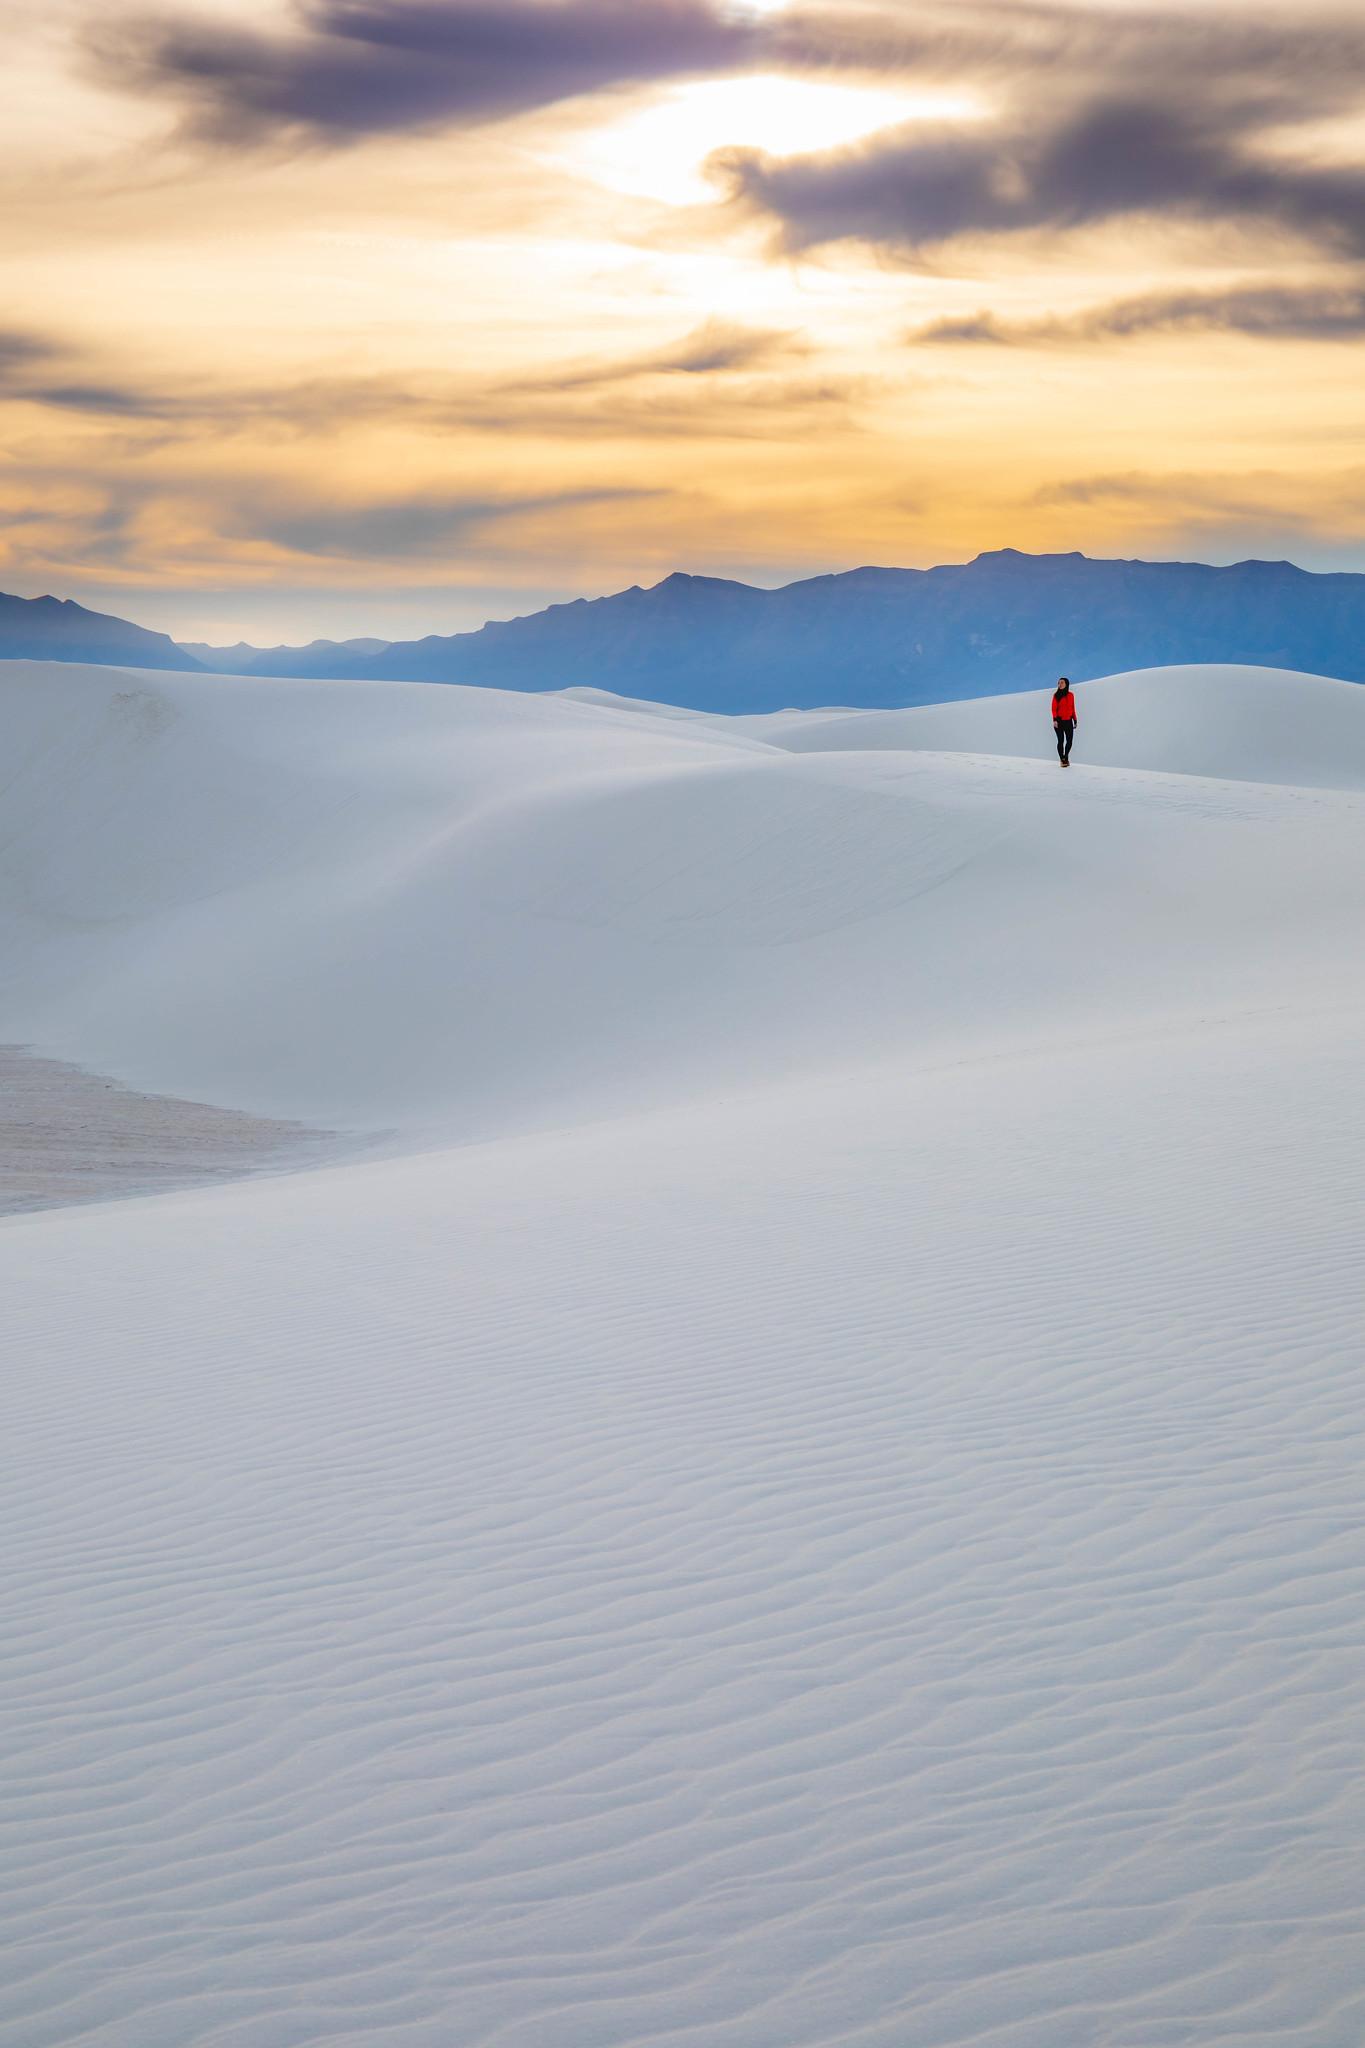 12.23. White Sand Dunes National Park